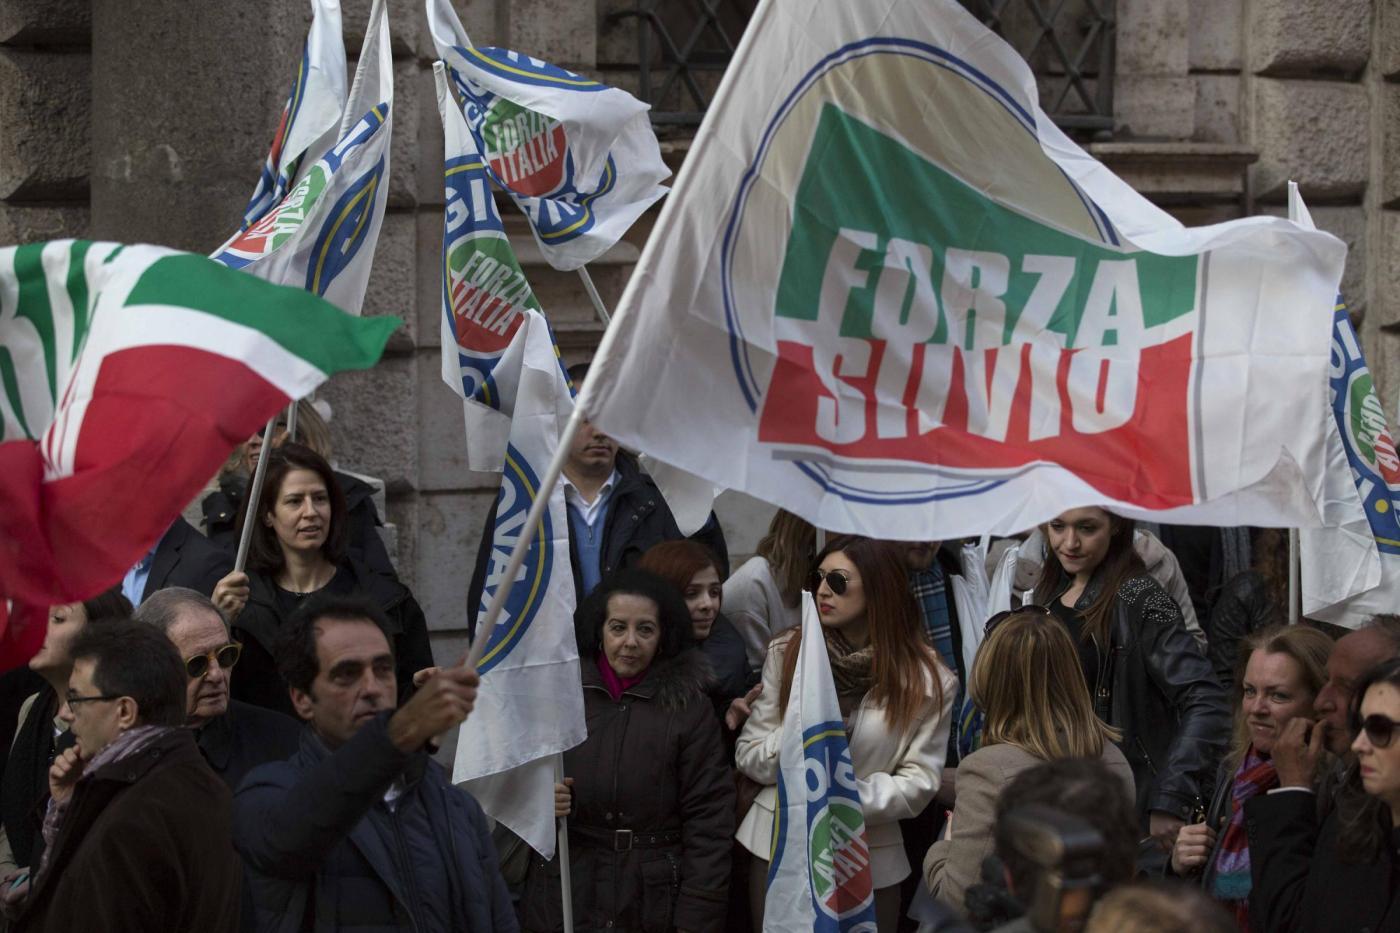 Elezioni comunali 2015 a Trento e a Bolzano: i risultati